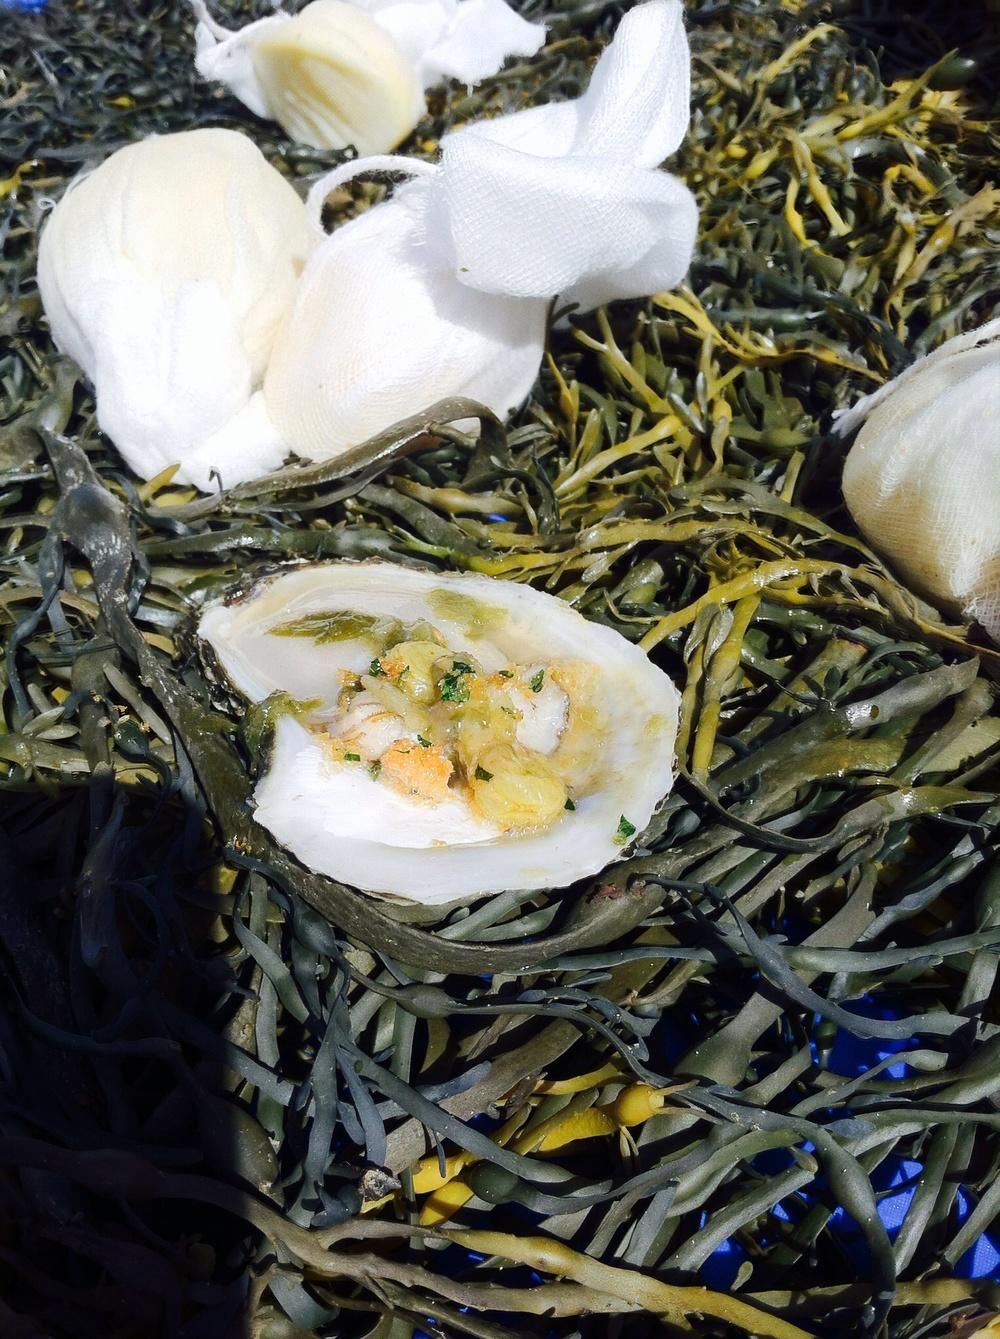 Blue whale oyster awesomeness. Photo by Shana Sokol, Shana Speaks Wine.